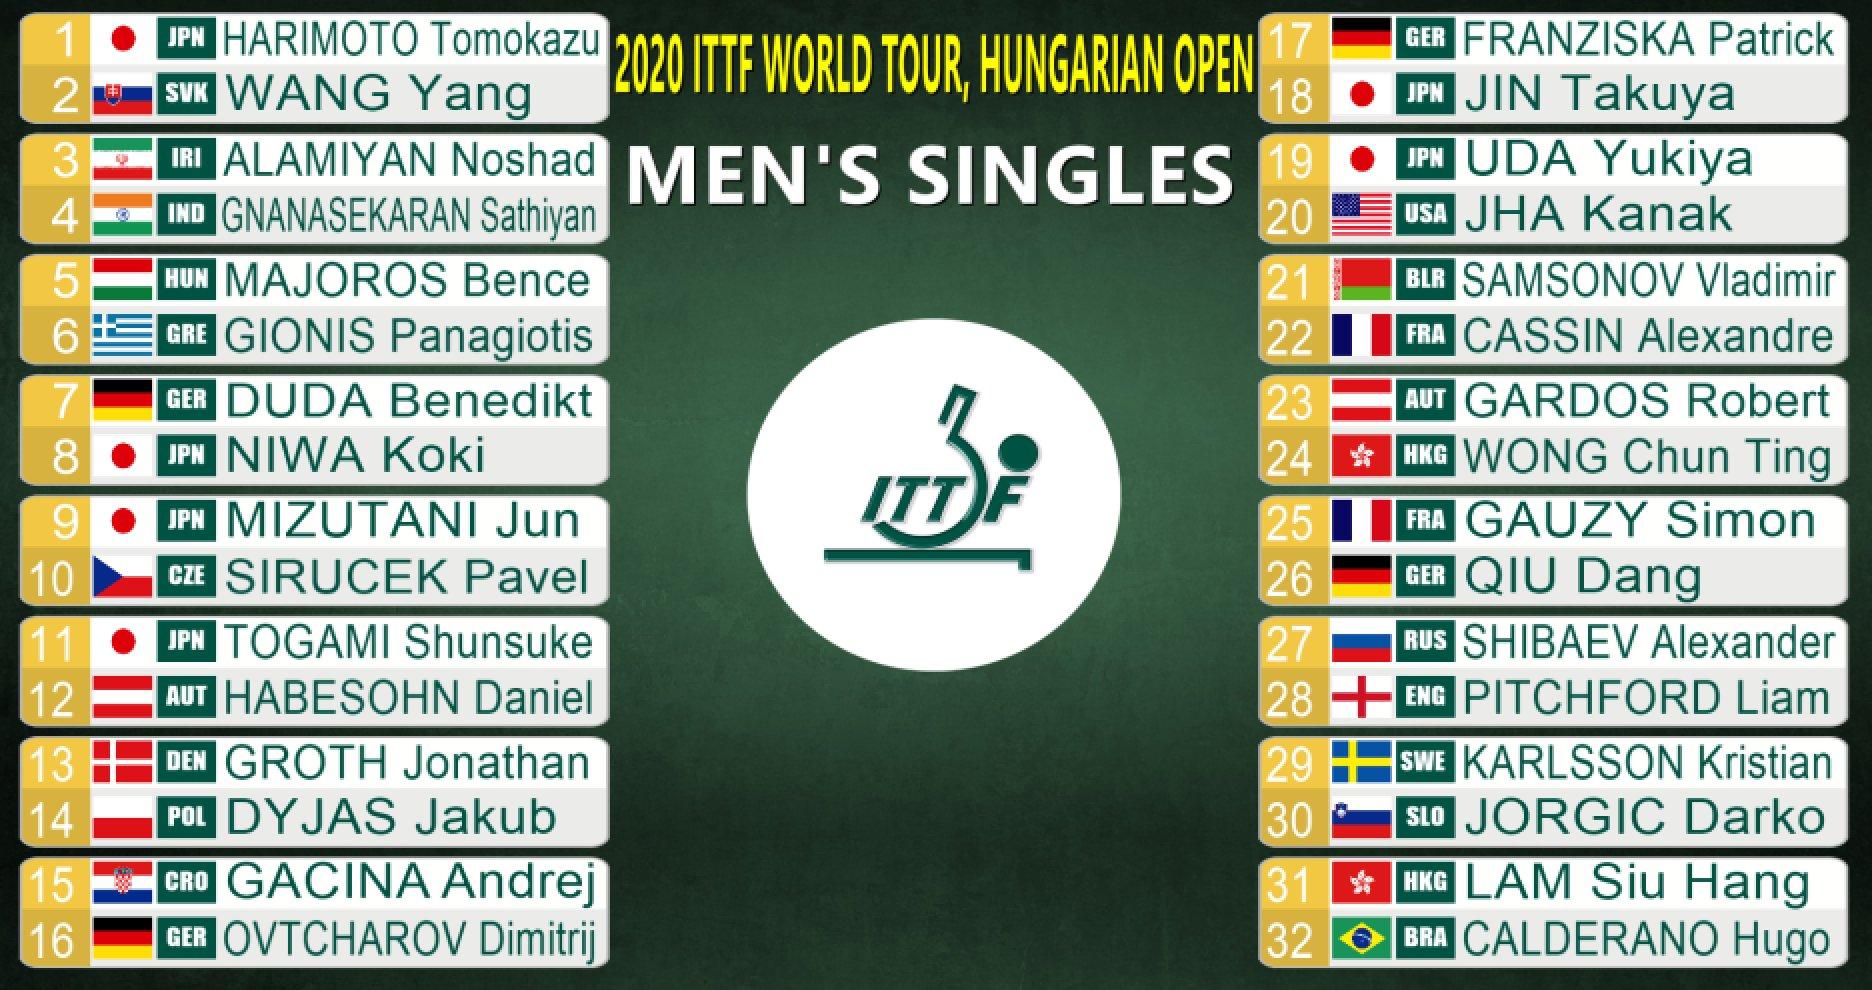 ハンガリーオープン男子シングルス2